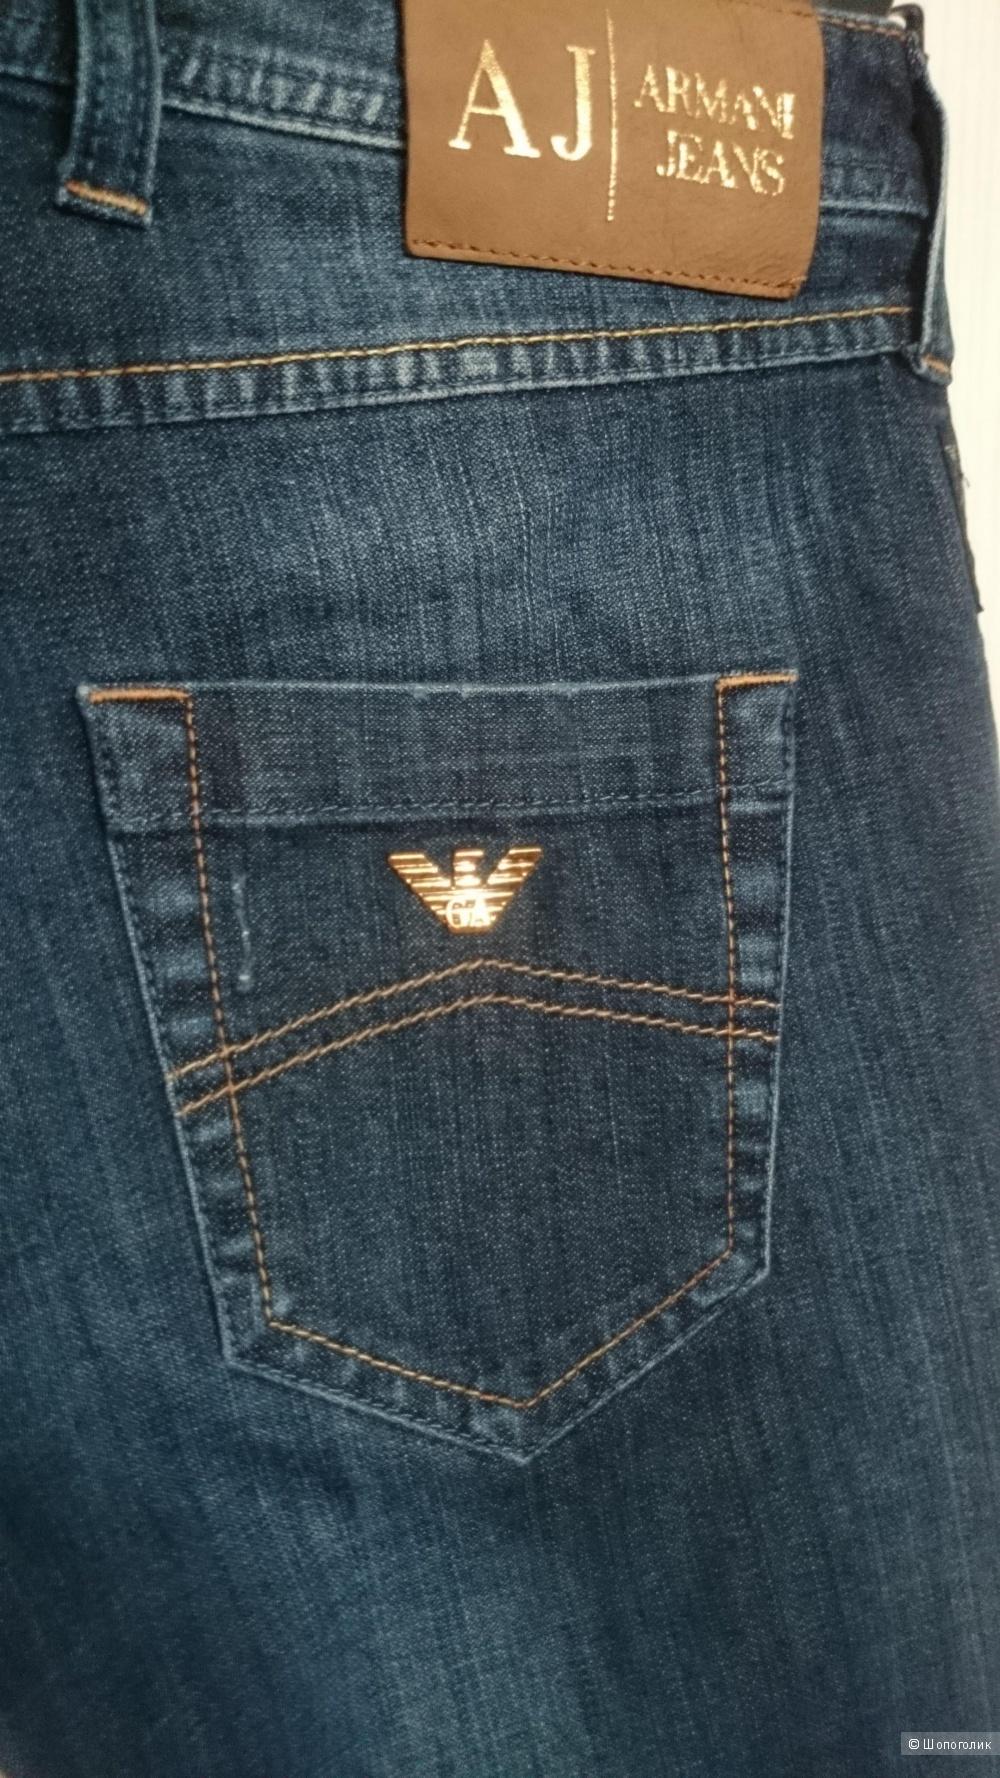 Джинсы Armani Jeans,  размер 27